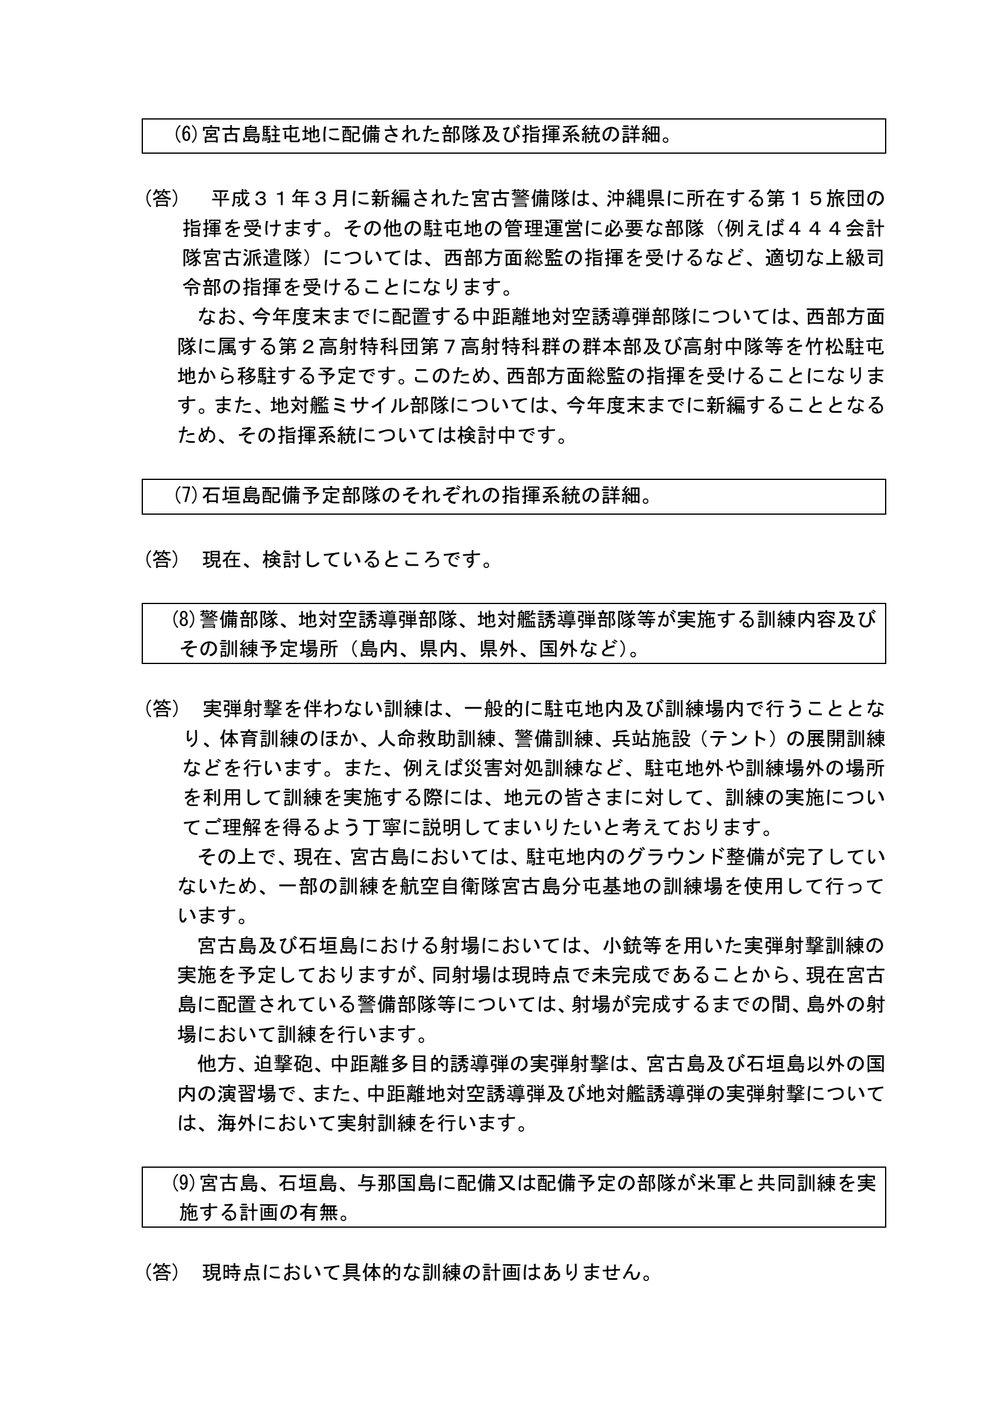 1970号 自衛隊の島しょ配備等について(回答)0003[1]